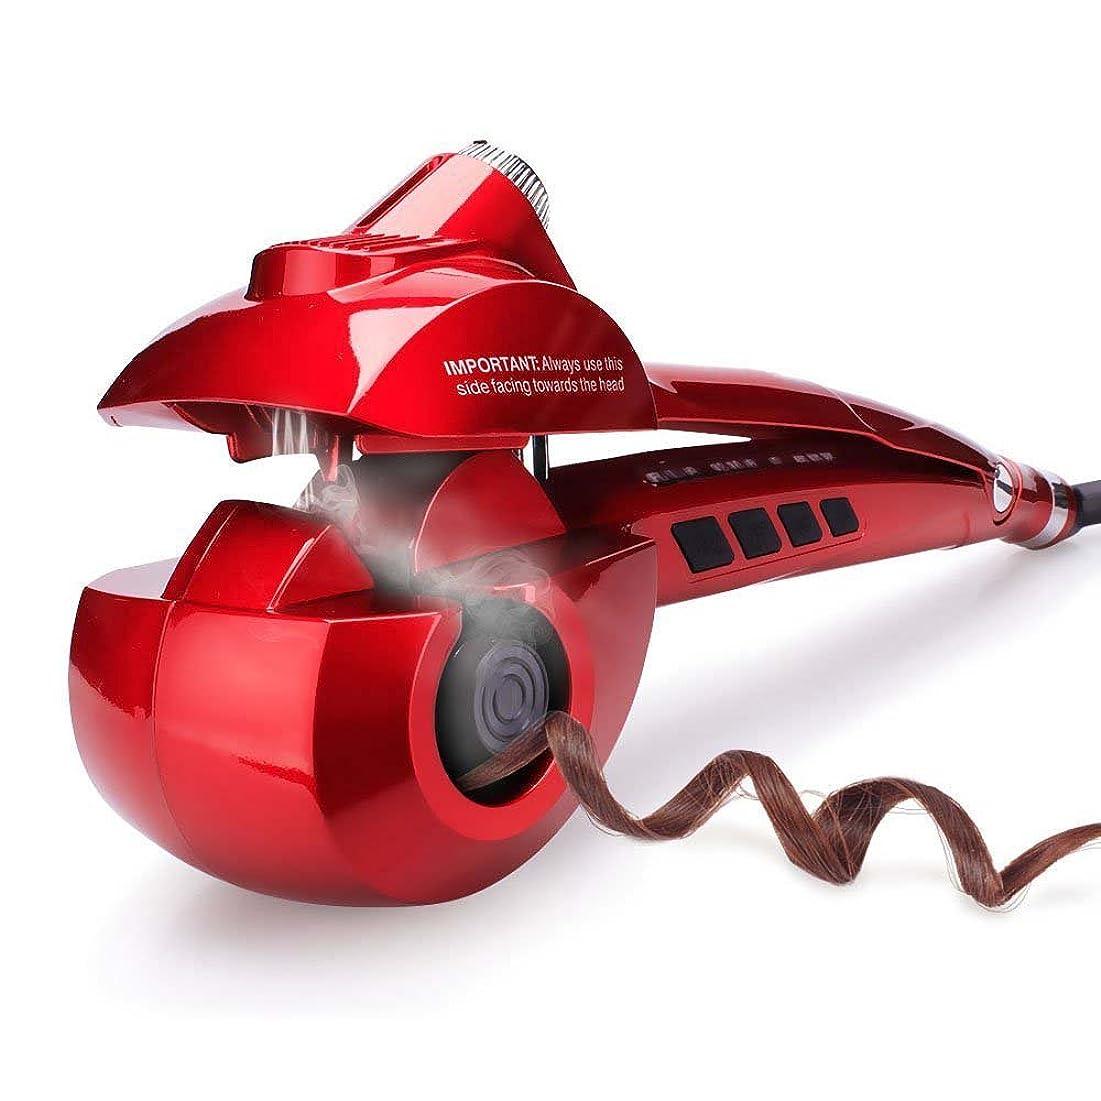 すなわち失速気づくWinfullyオートカールアイロン ヘアアイロン カール オートカールヘアアイロン スチームヘアアイロン アイロン蒸気 8秒自動巻き 自動巻きヘアアイロン スチーム機能 プロ仕様 海外対応 (Red)